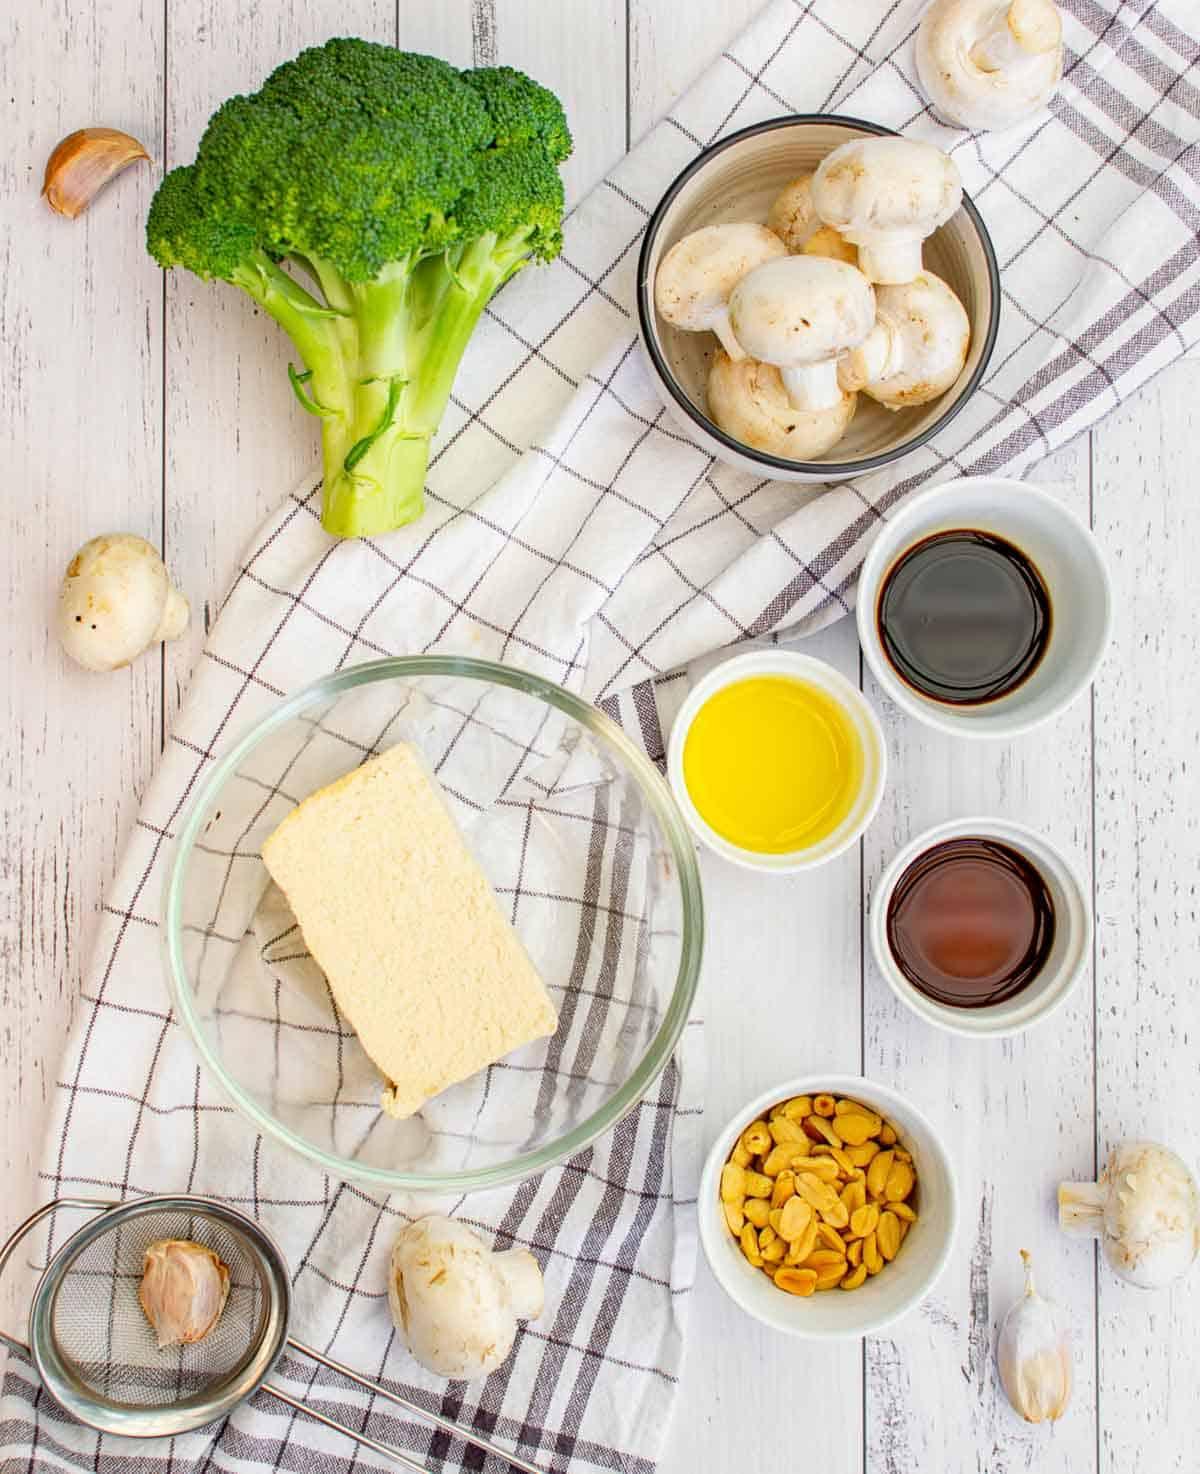 Ingredients to make vegan broccoli tofu stir fry.